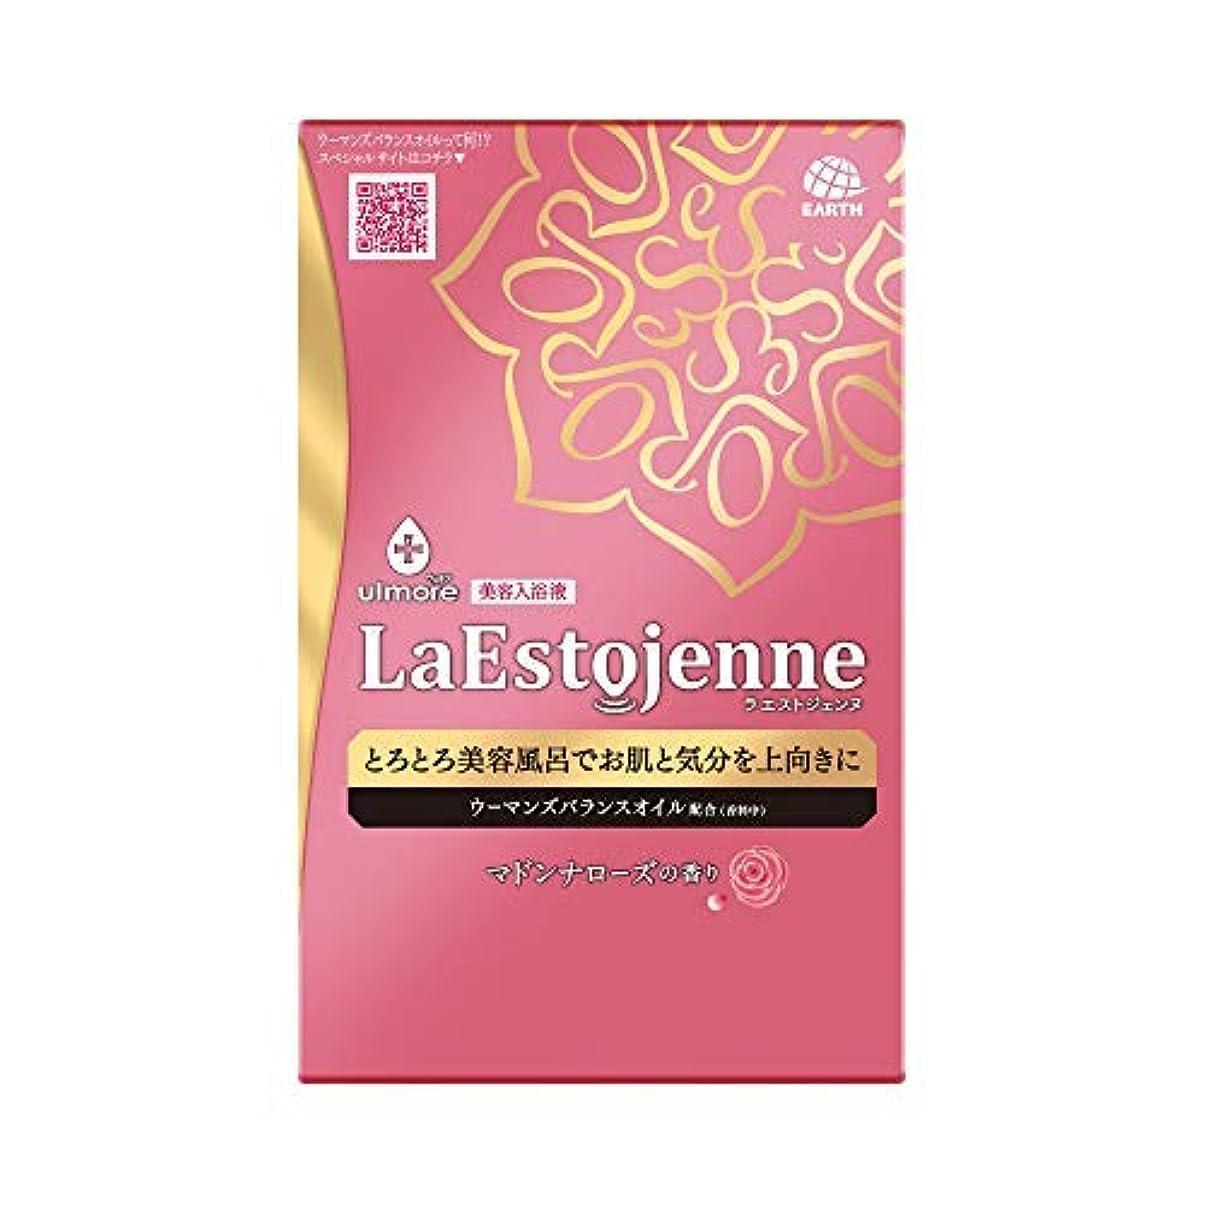 テロリストマーチャンダイジング弁護士ウルモア ラエストジェンヌ マドンナローズの香り 3包入り × 4個セット